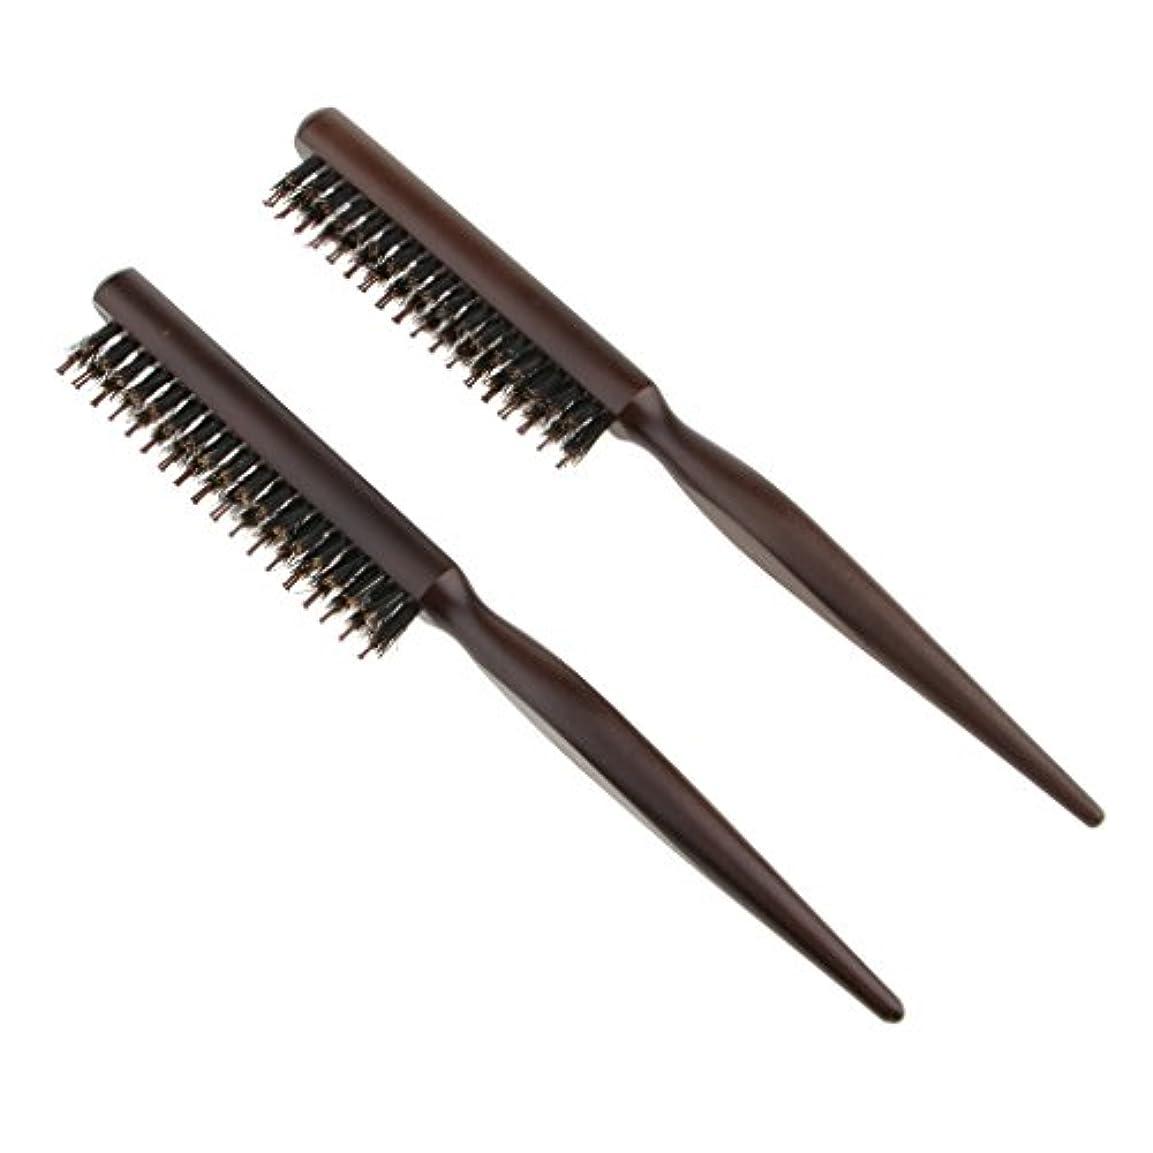 図書館判決トリムToygogo ヘアセクショニング、エッジコントロール、バックコーミング用の木製ラットテールピック付きヘアブラシコームをからかう自然な毛